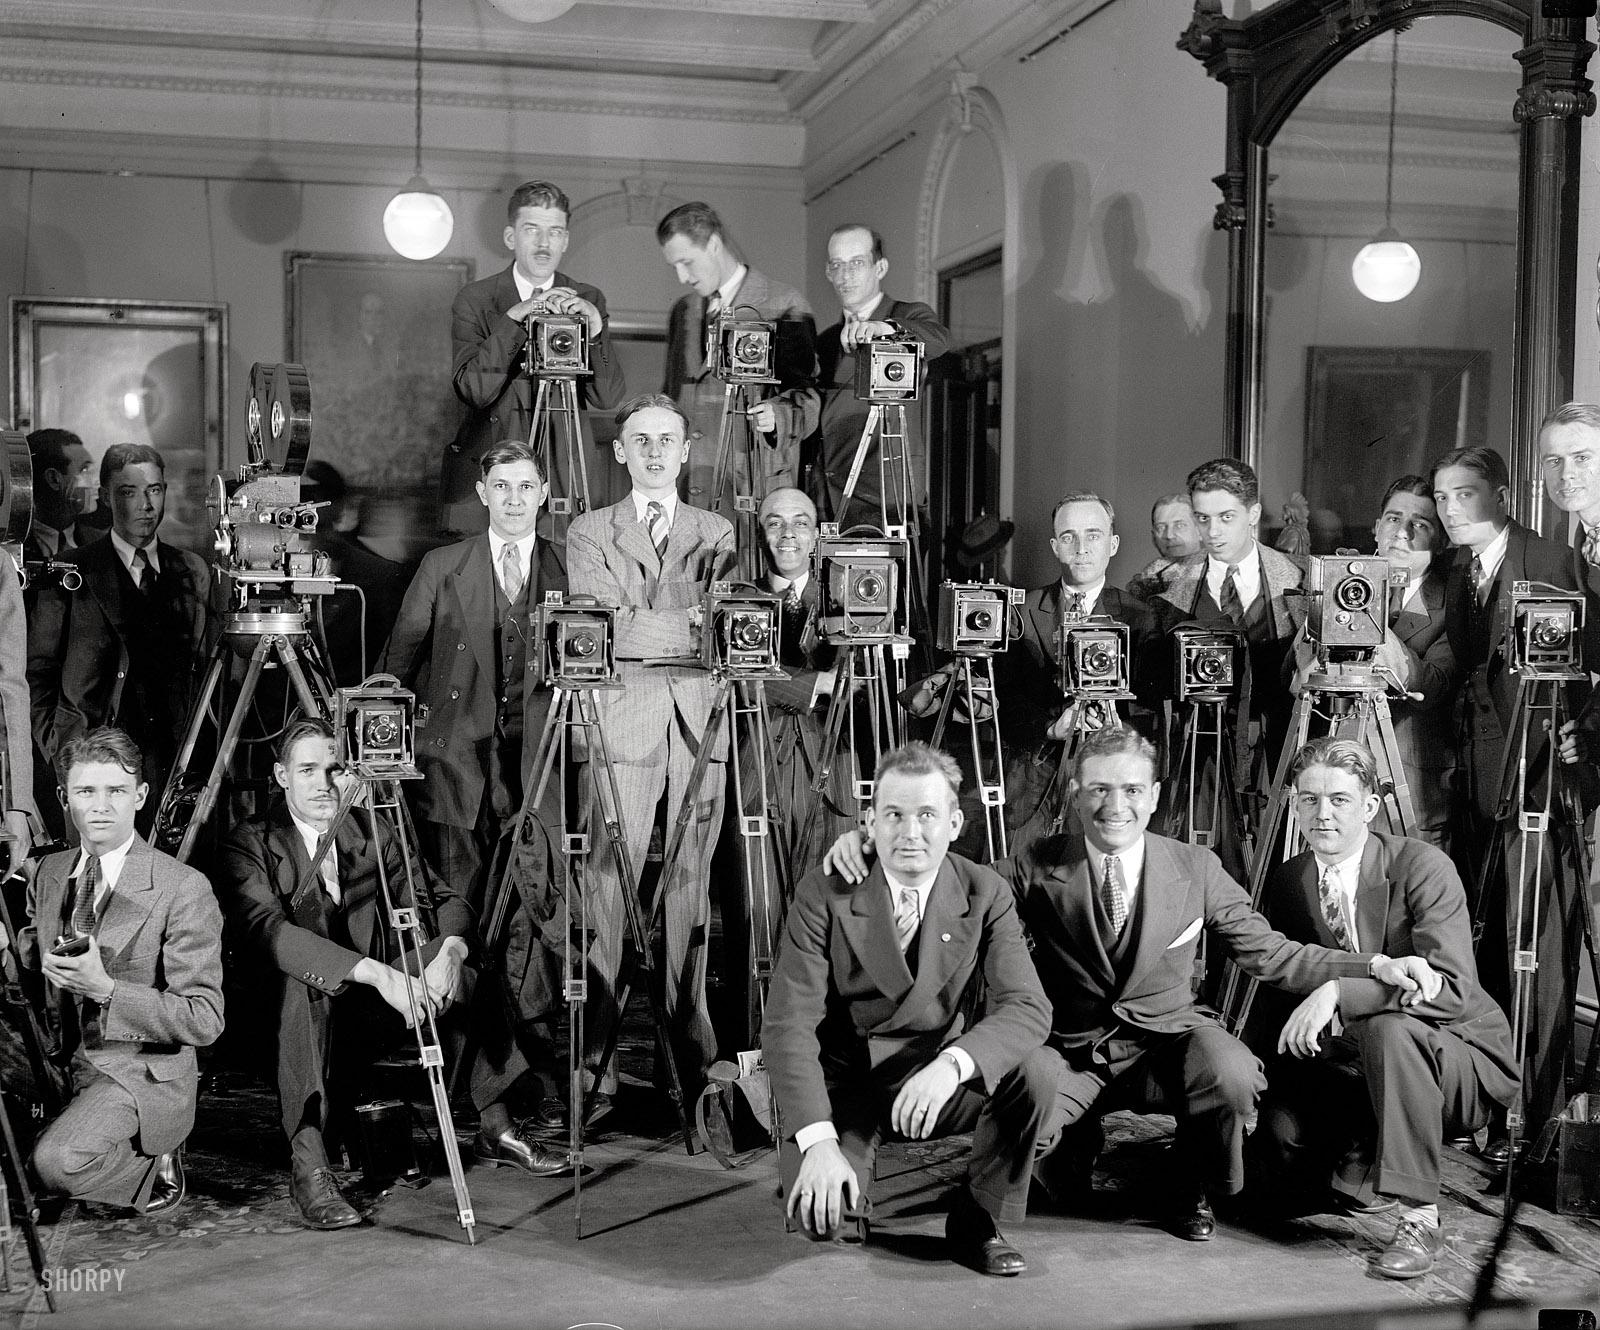 первые российские фотографы трудовой путь токаря